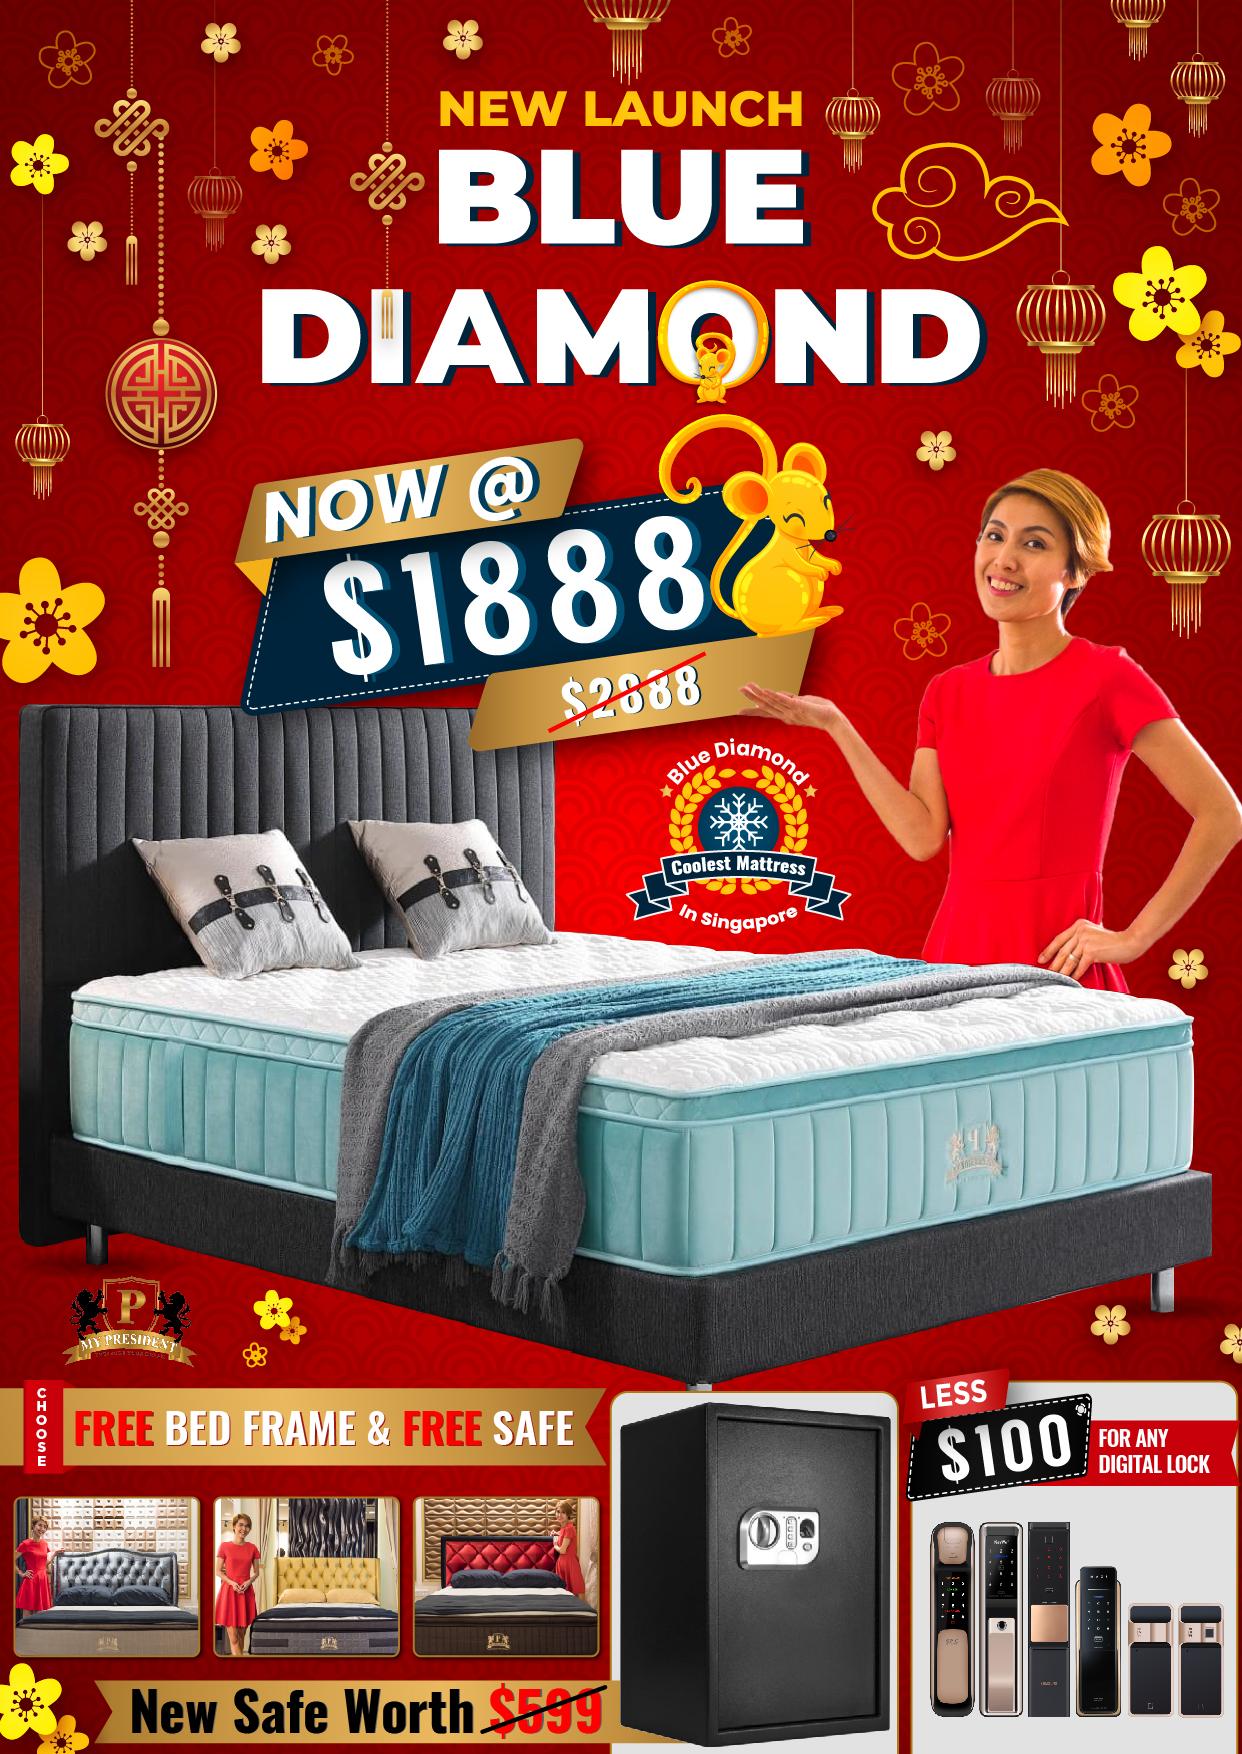 New-launch-blue-diamond